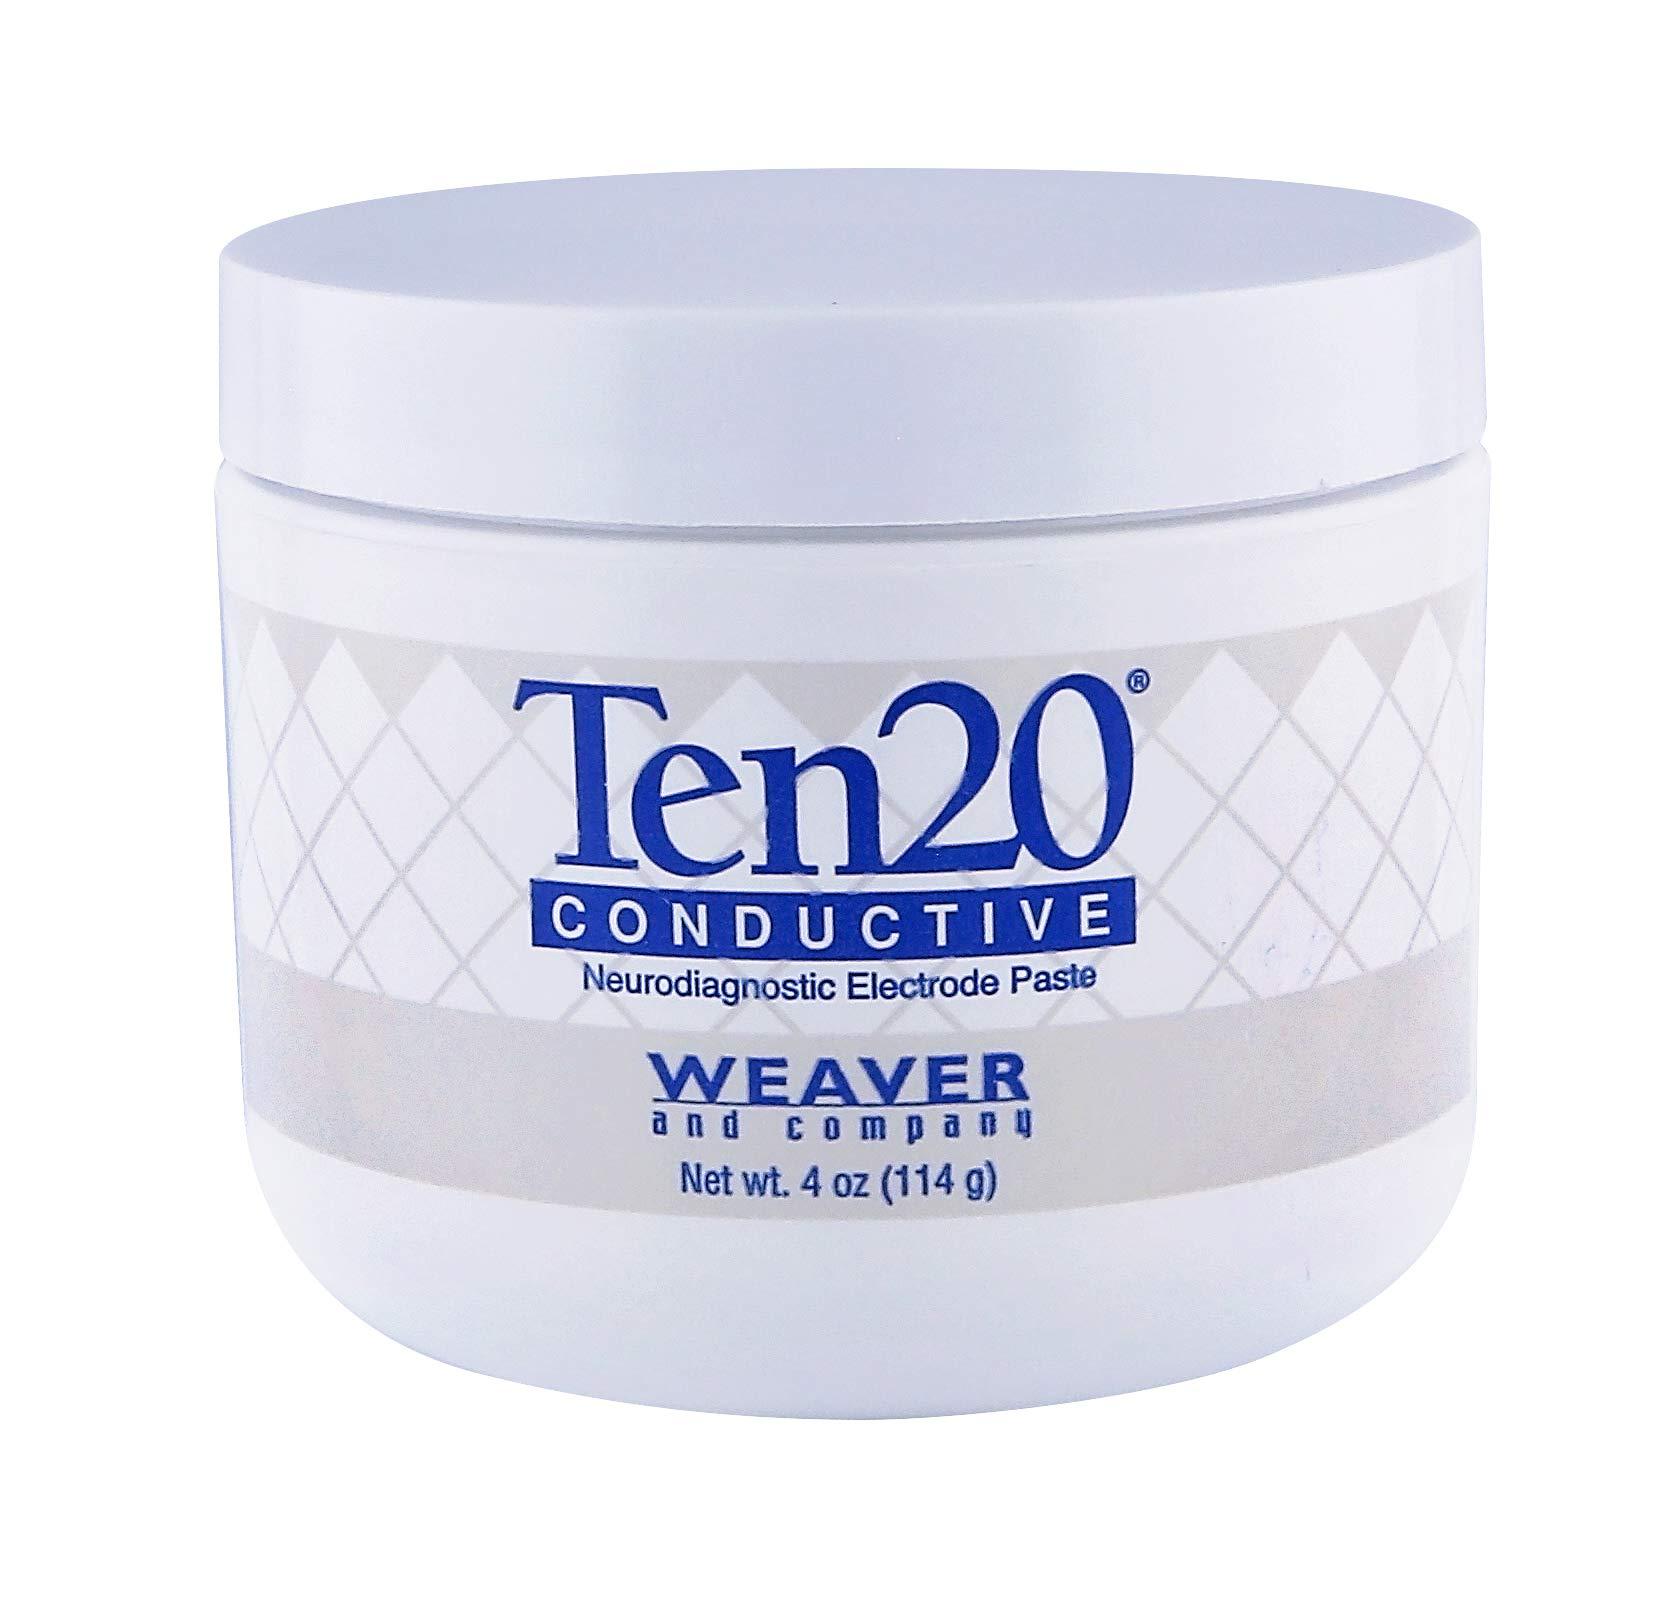 Ten20 Conductive Paste - 3 pack, 4 oz. jars